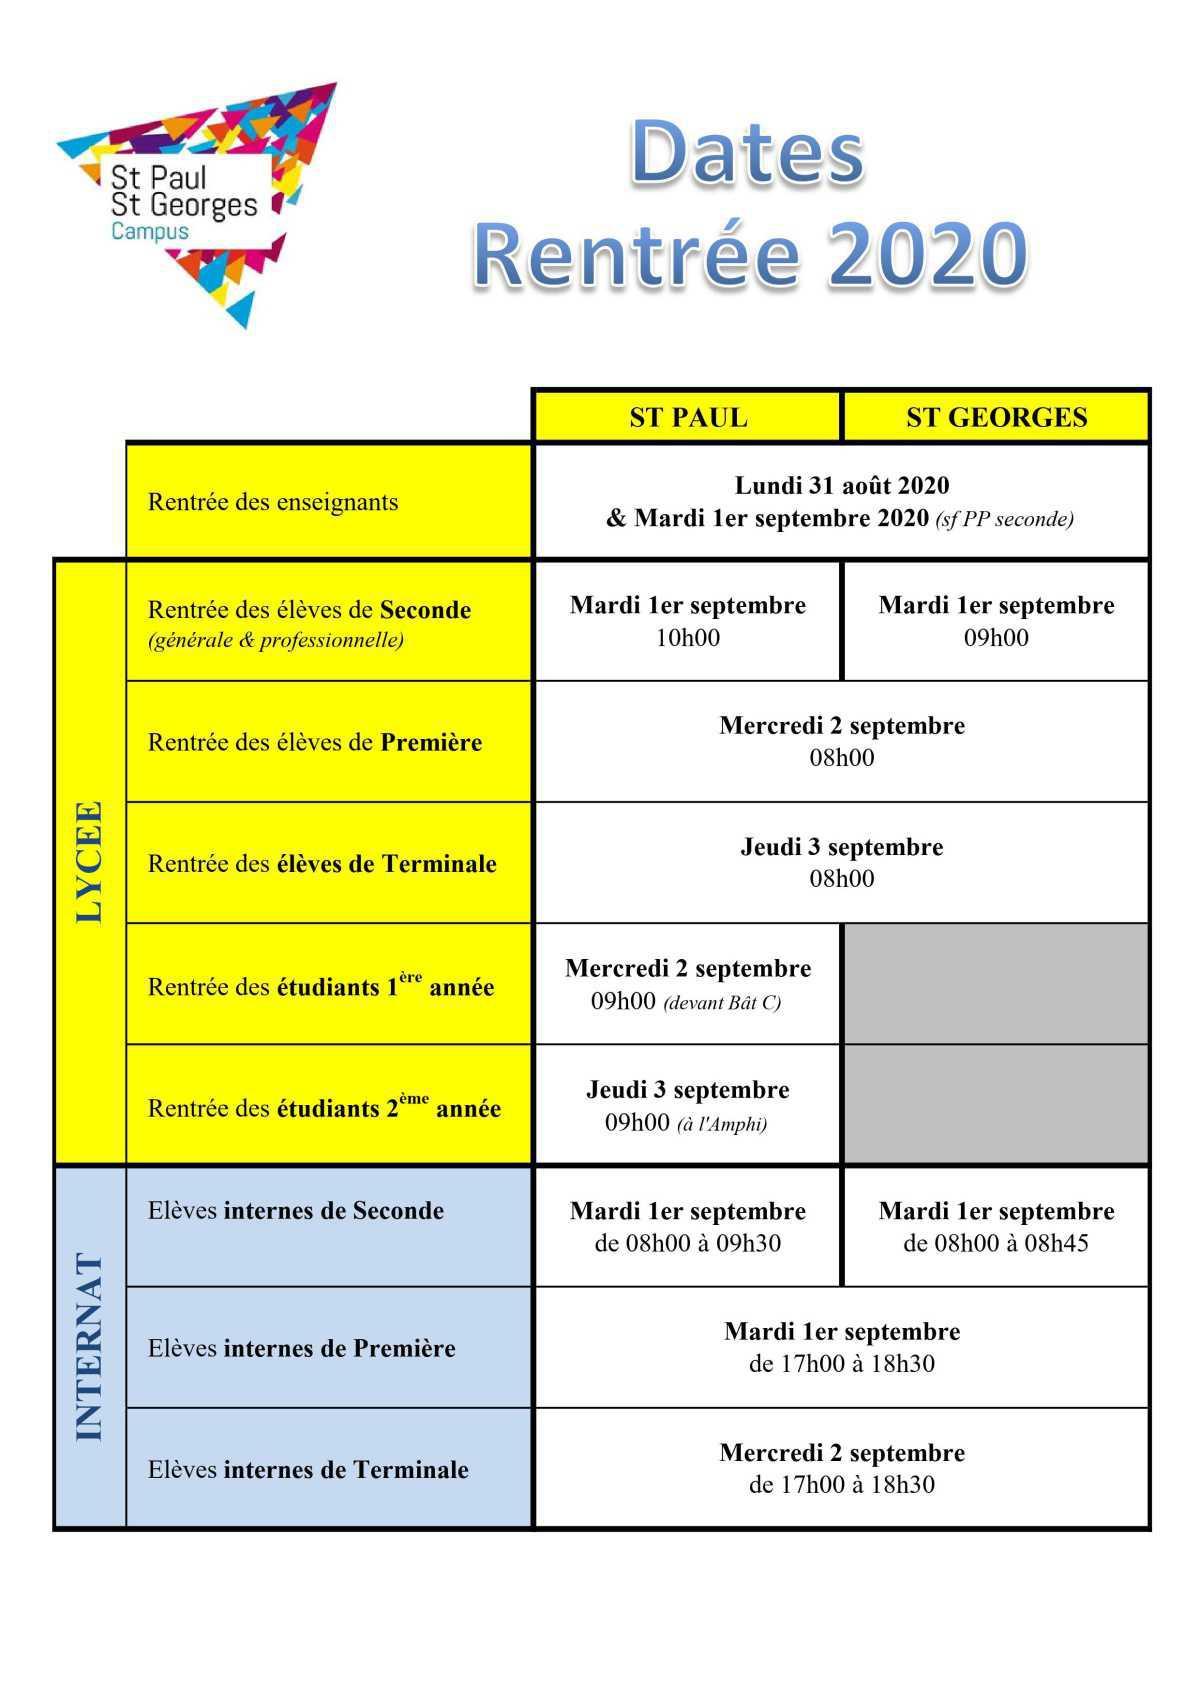 Dates et horaires de rentrée - septembre 2020